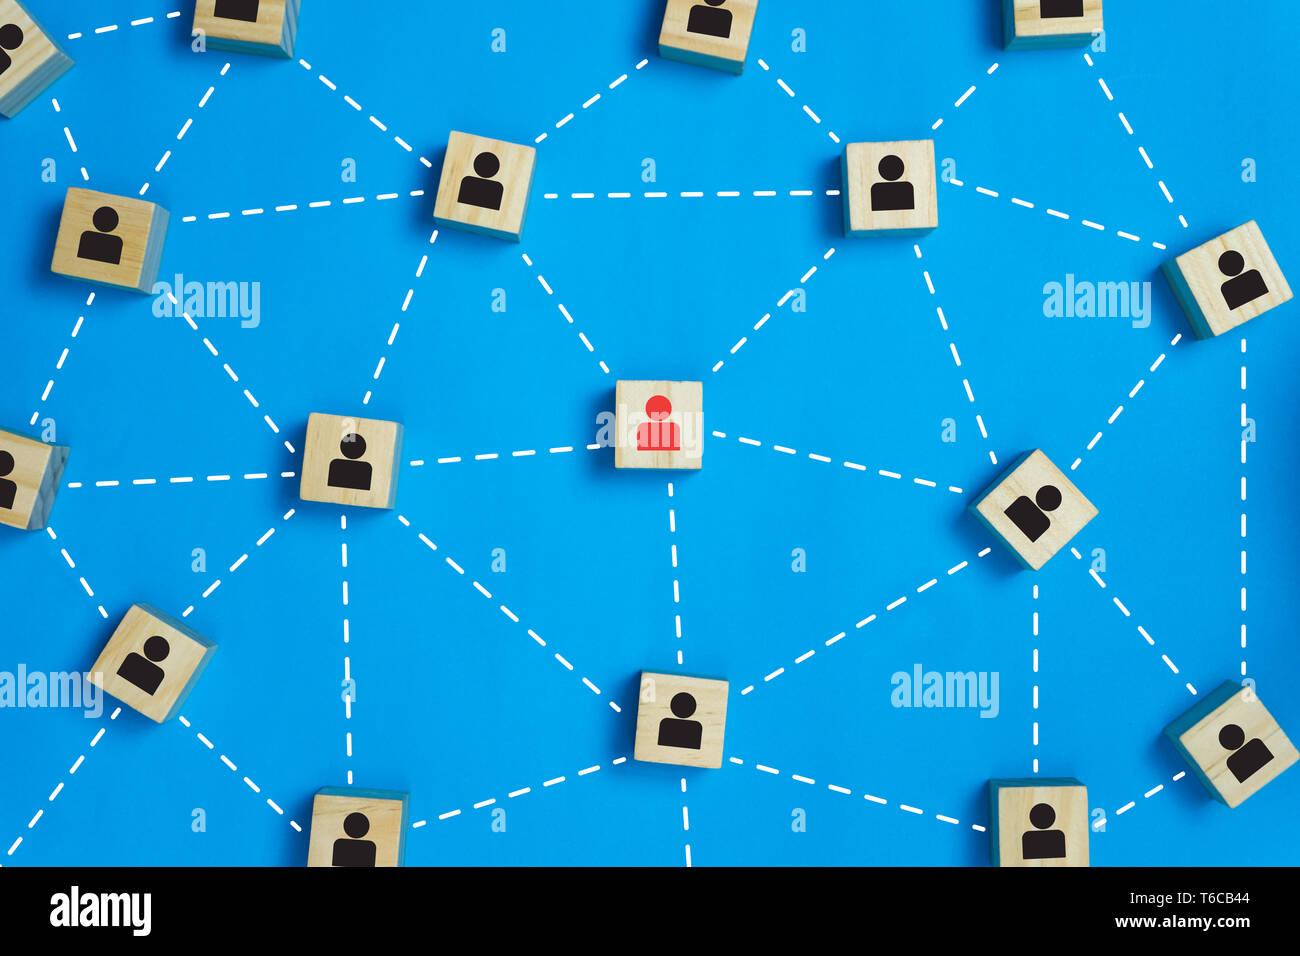 Le leadership et l'équipe du réseau d'affaires sur l'icône rouge concepts le bloc de bois au milieu entre la black business icône sur les blocs de bois. Banque D'Images